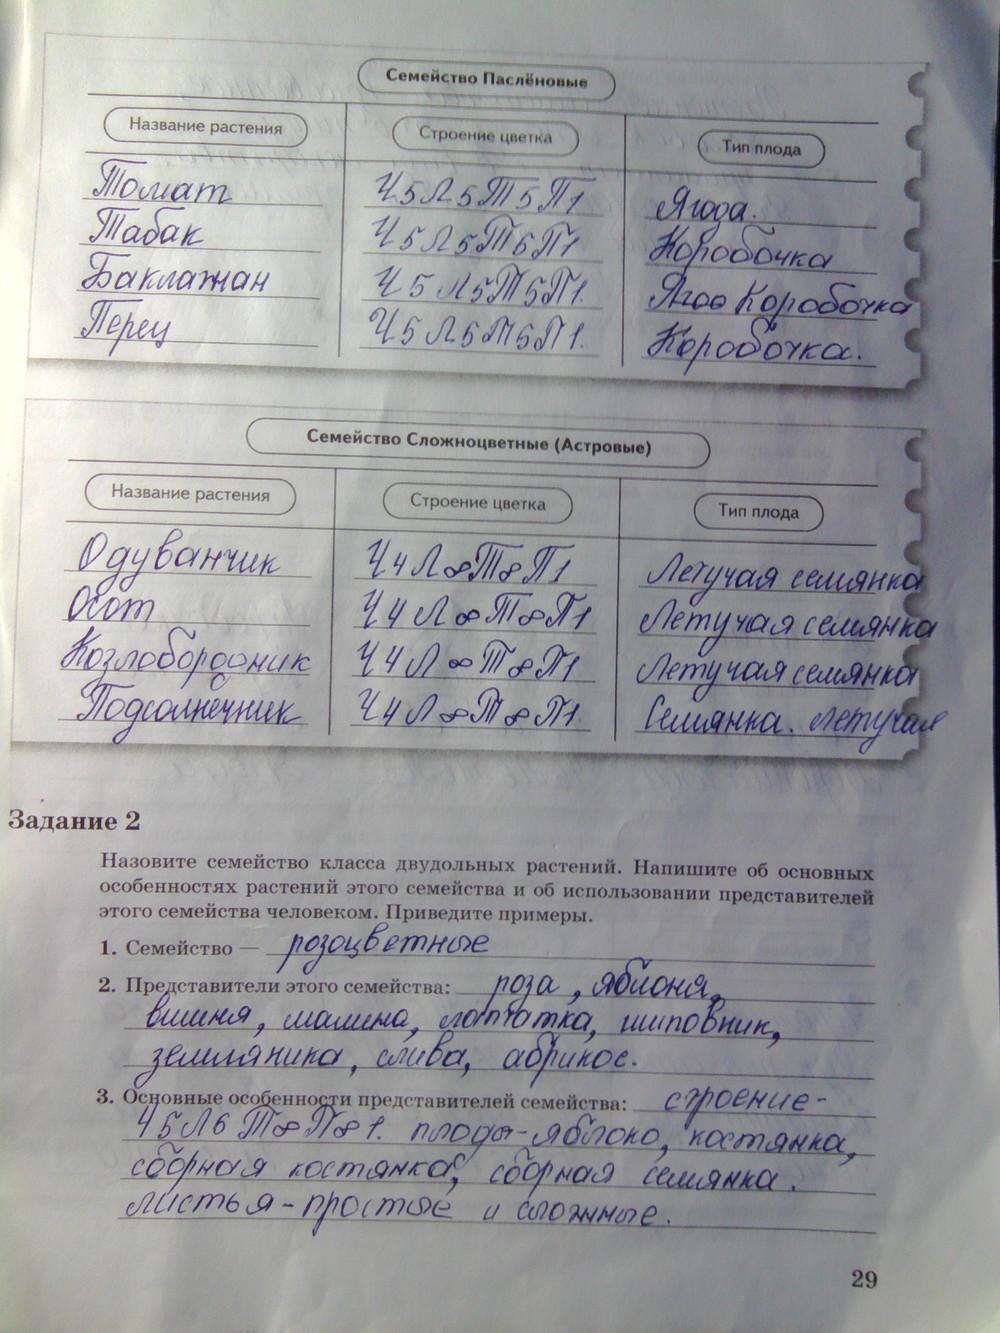 гдз по рабочей тетради биология 9 класс пономарева